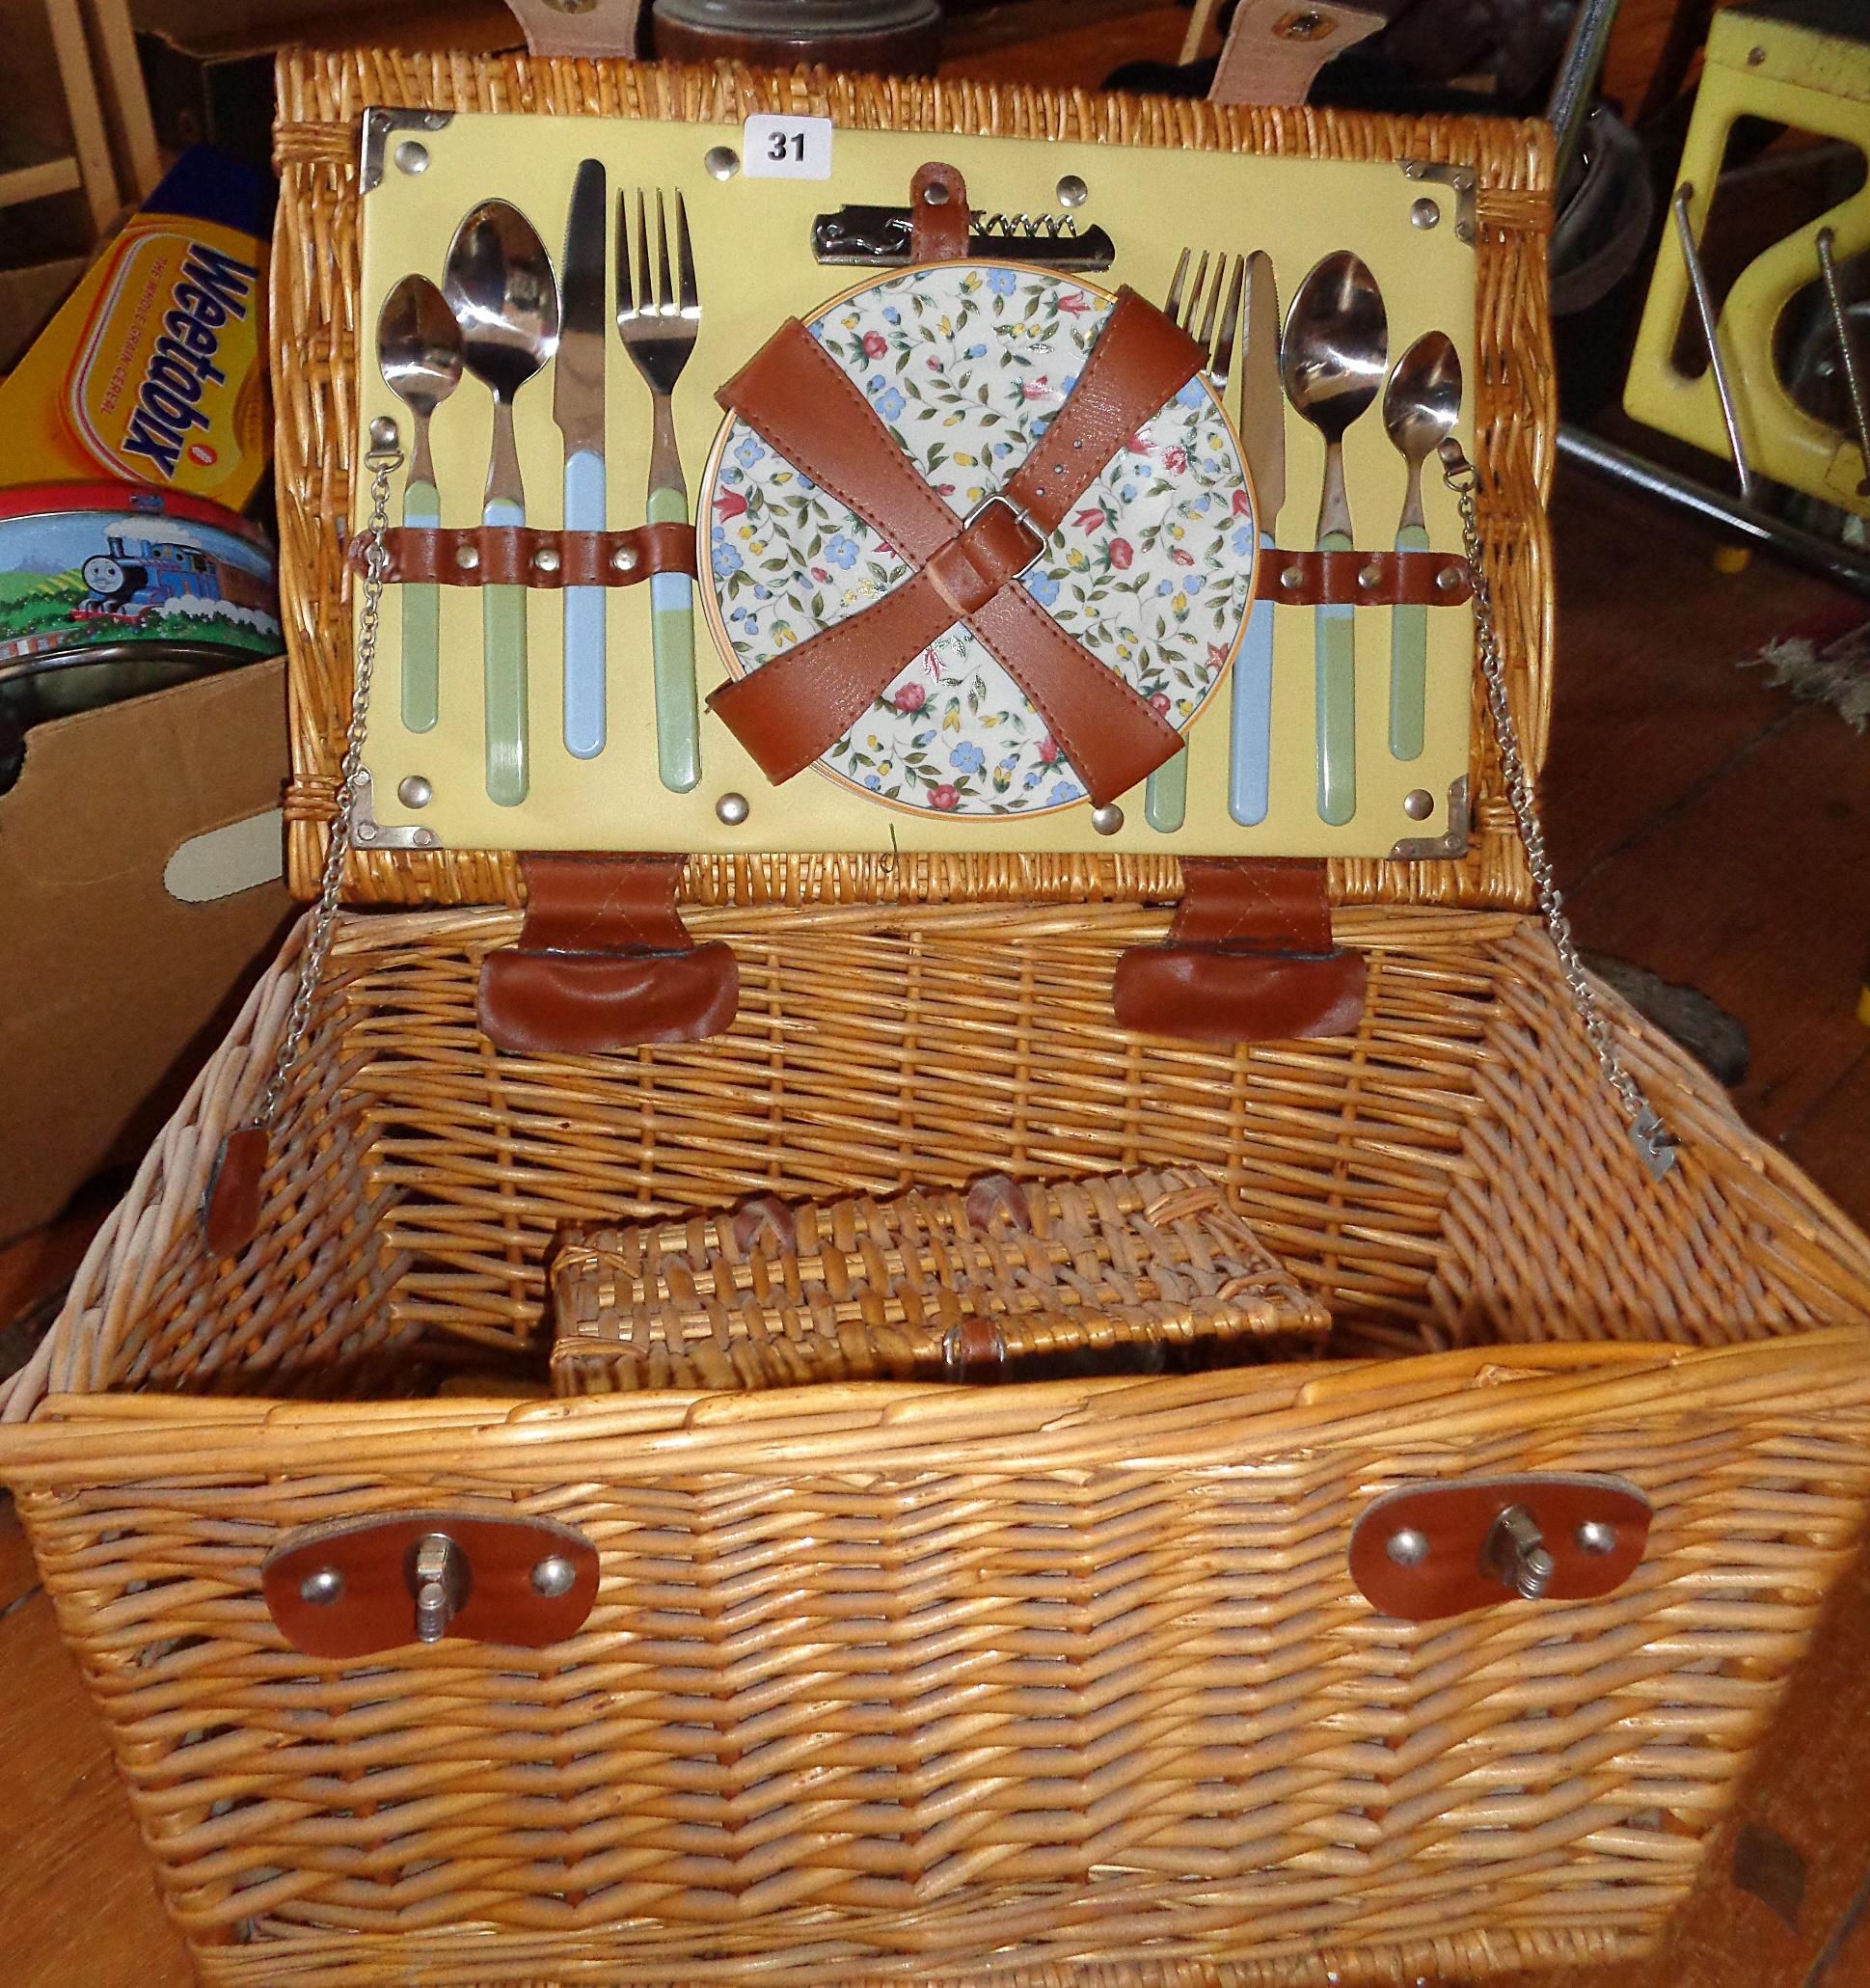 Lot 31 - Basket picnic hamper